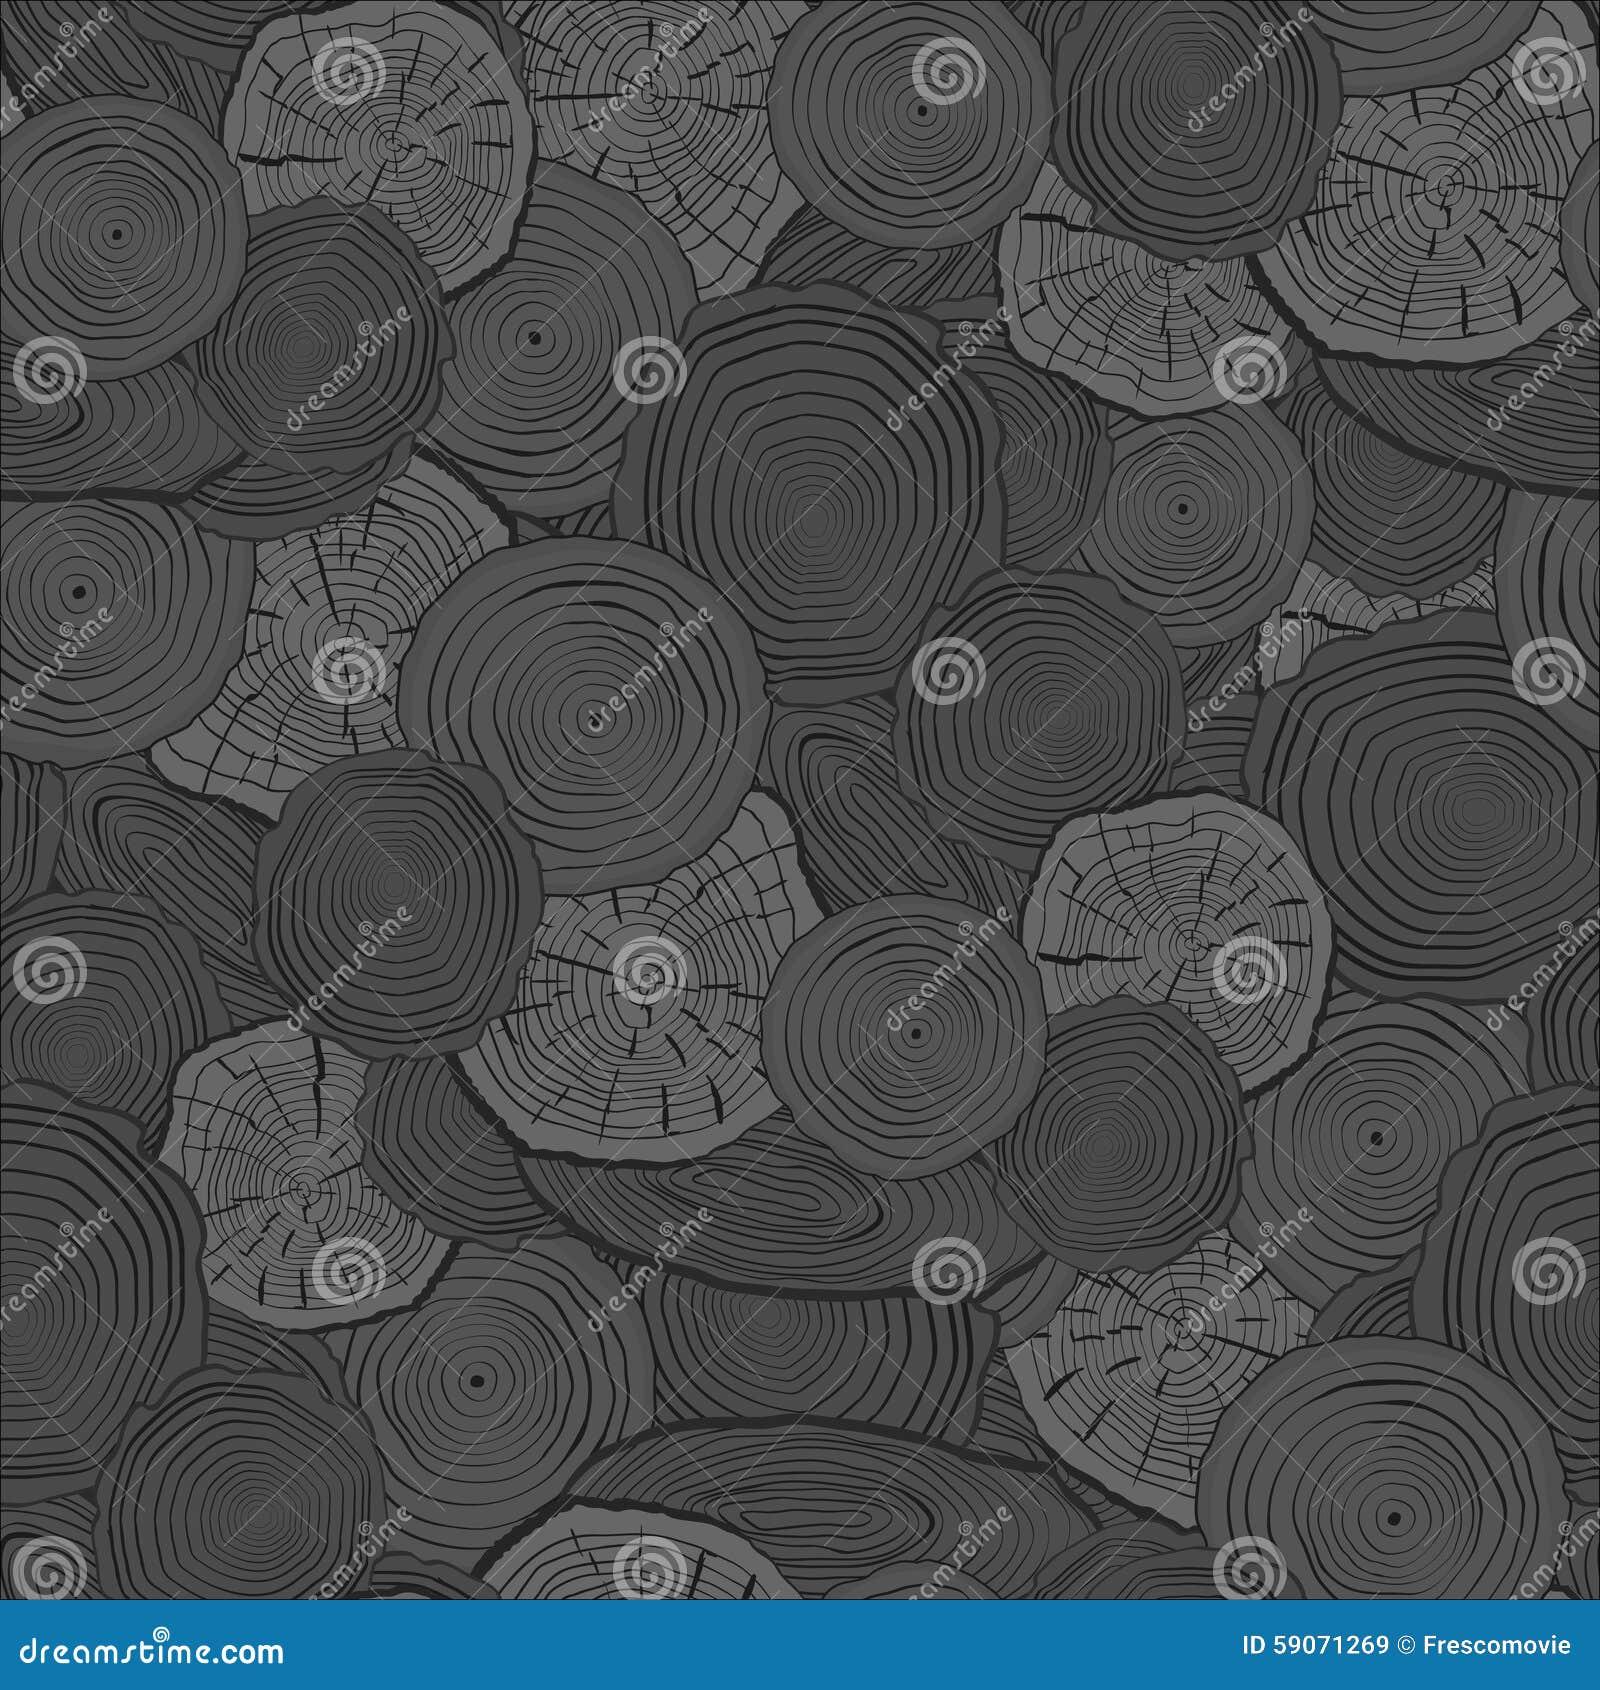 fond de tronc d 39 arbre de coupe de scie d 39 anneaux d 39 arbre image stock image du cercle contre. Black Bedroom Furniture Sets. Home Design Ideas